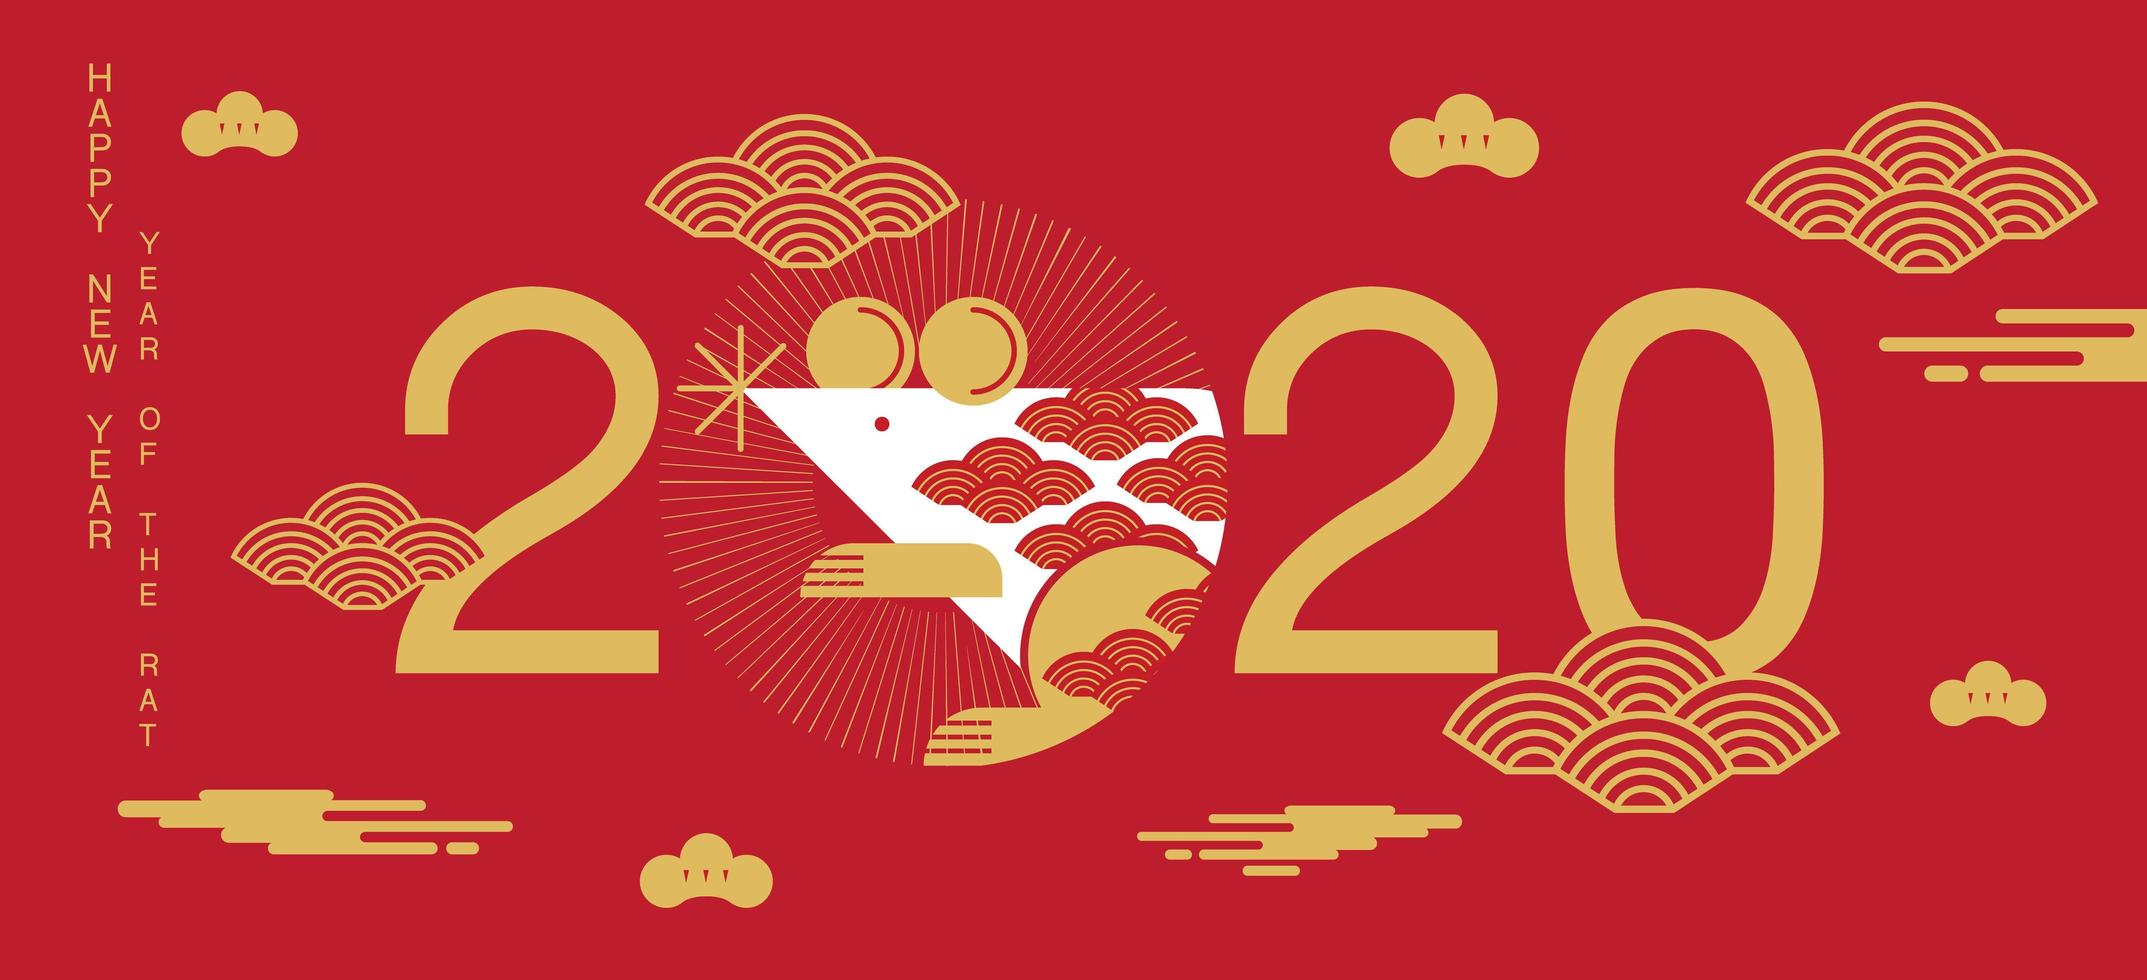 banner de ano novo chinês com 2020 e rato branco vetor